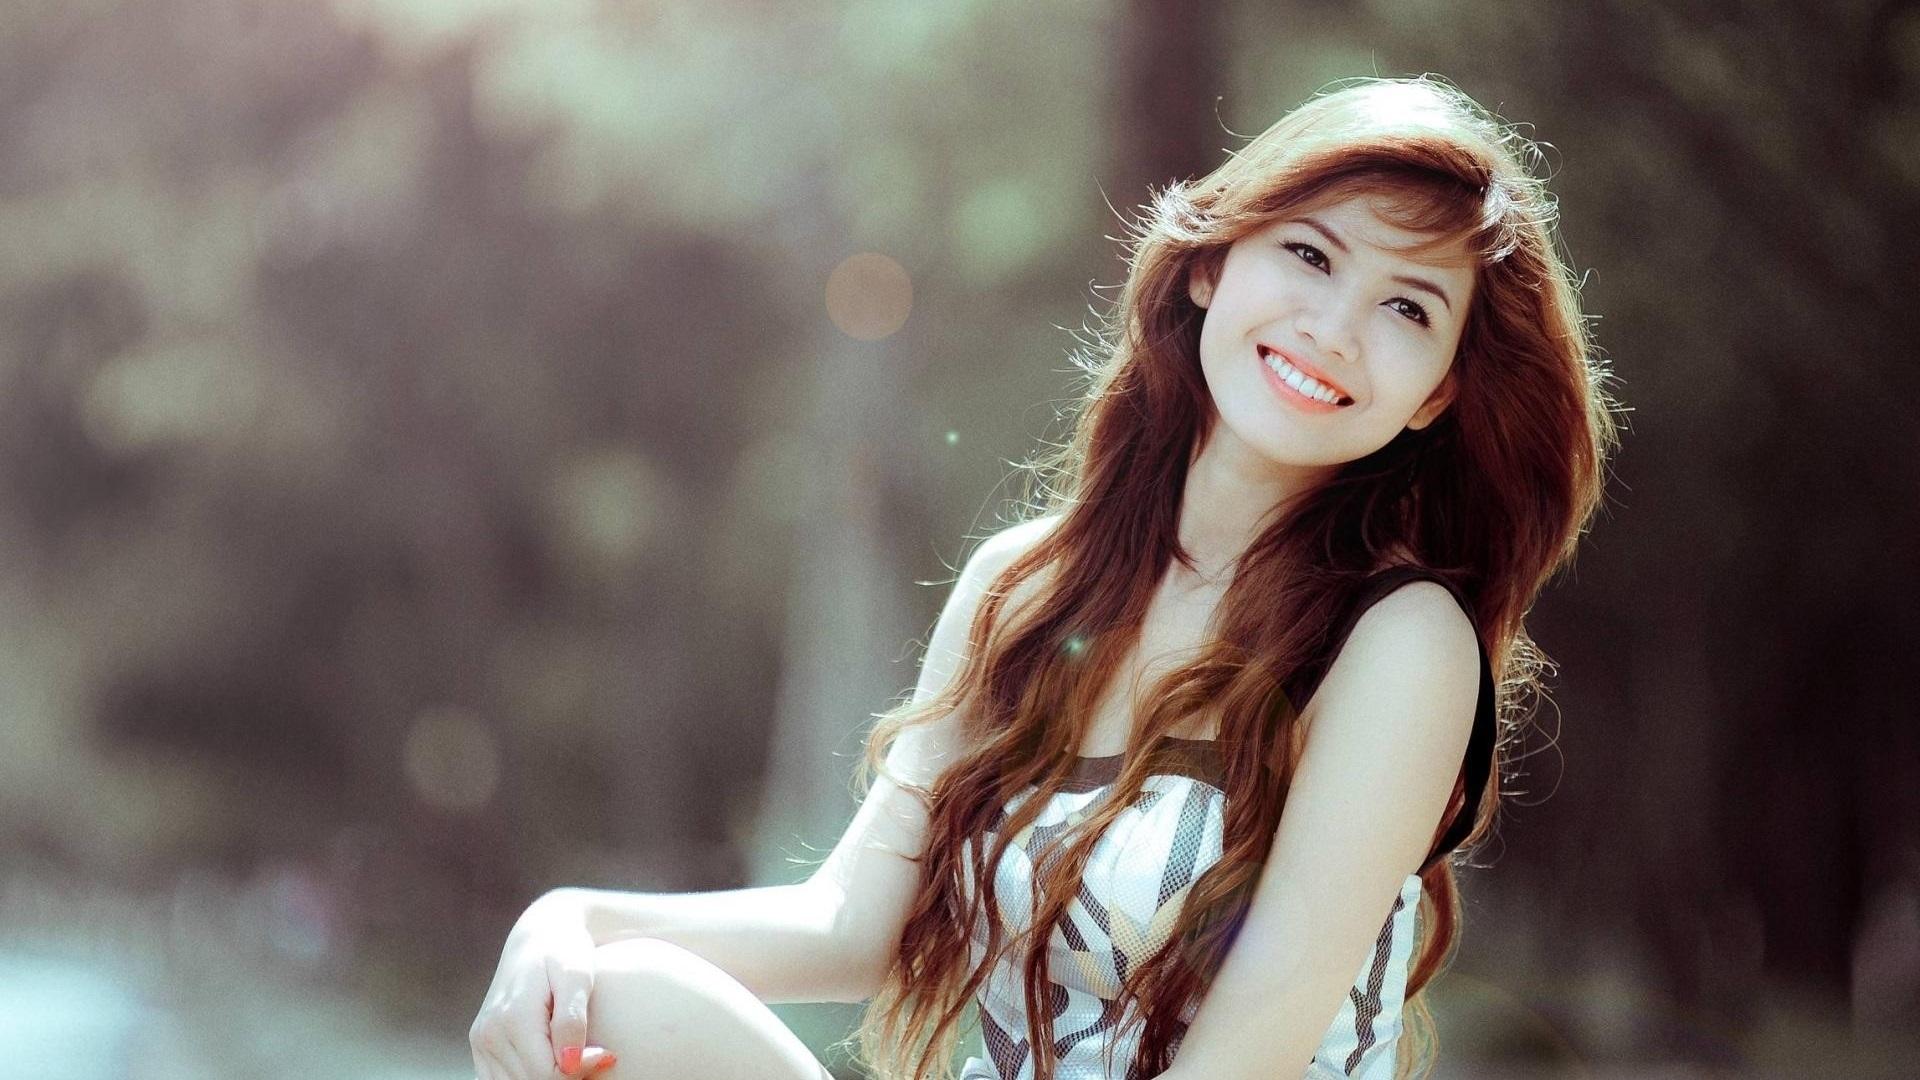 девченка веселая улыбка на телефон